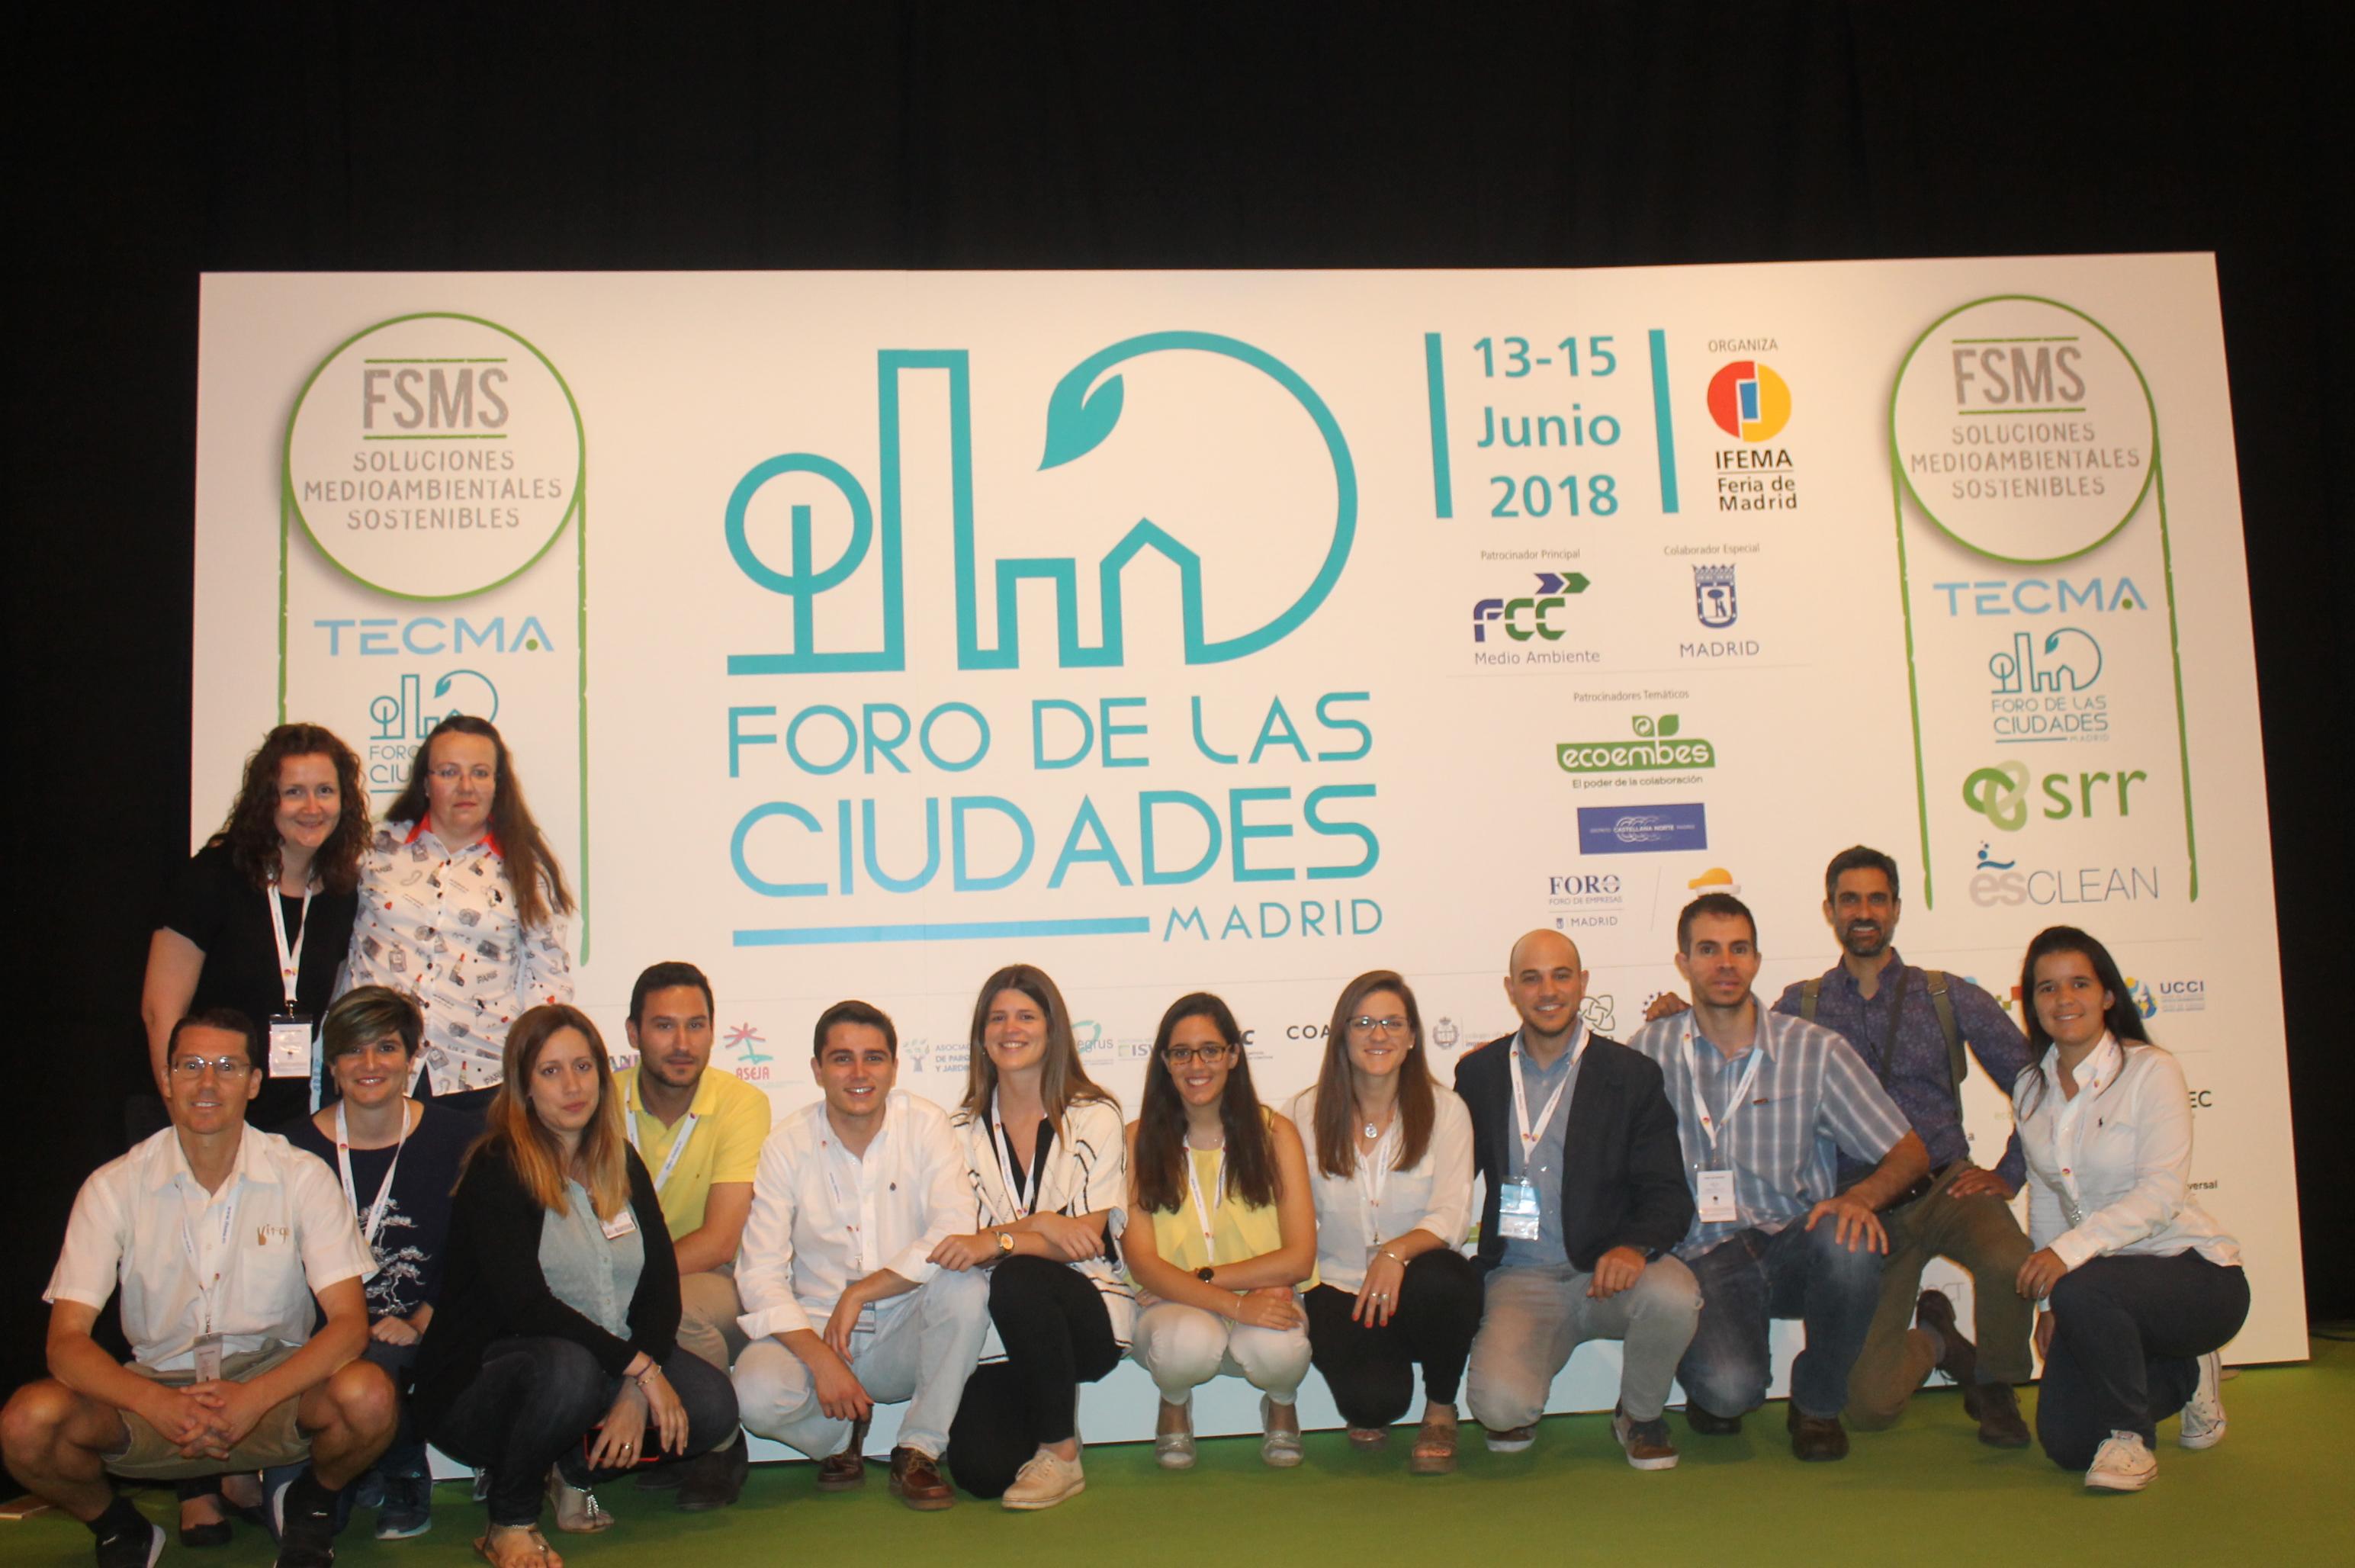 Impact4C promoviendo la cooperación público-privada y ecoemprendeduría, en el Foro de las Ciudades de Madrid 2018